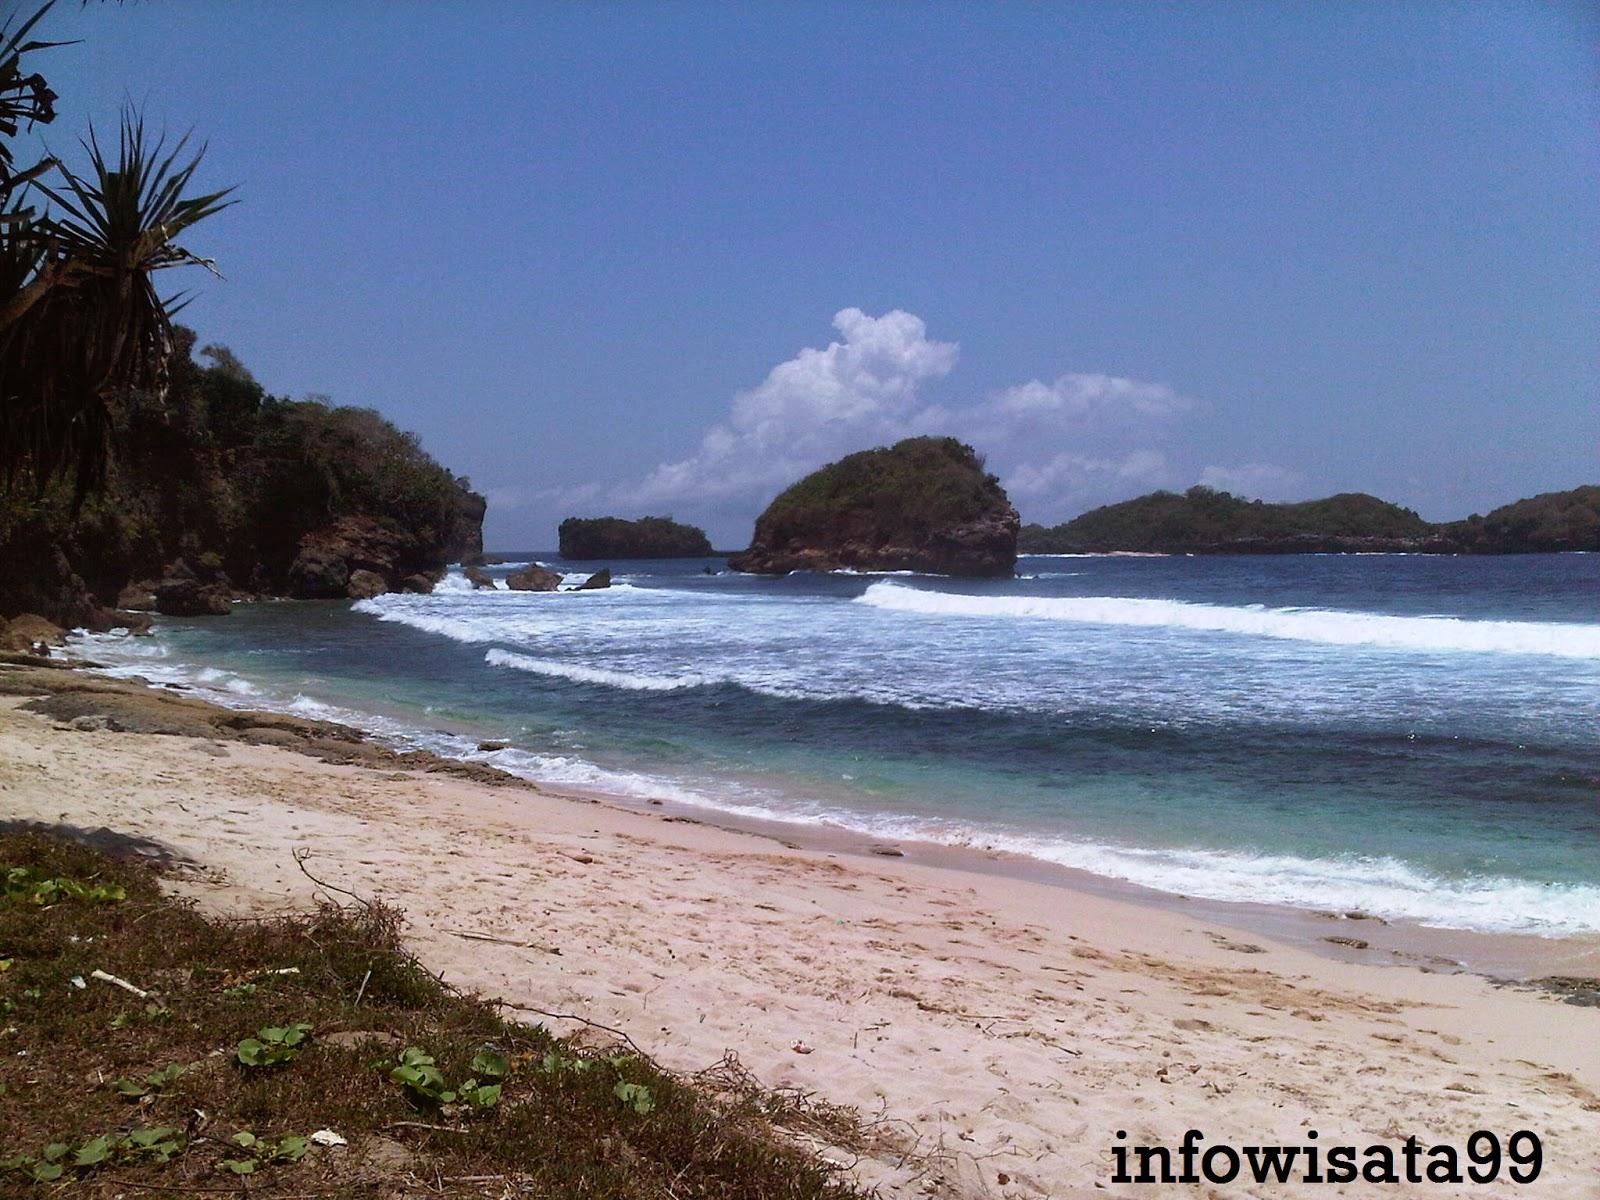 Indahnya Pasir Putih Pantai Peh Pulo Blitar Jawa Timur Infowisata99